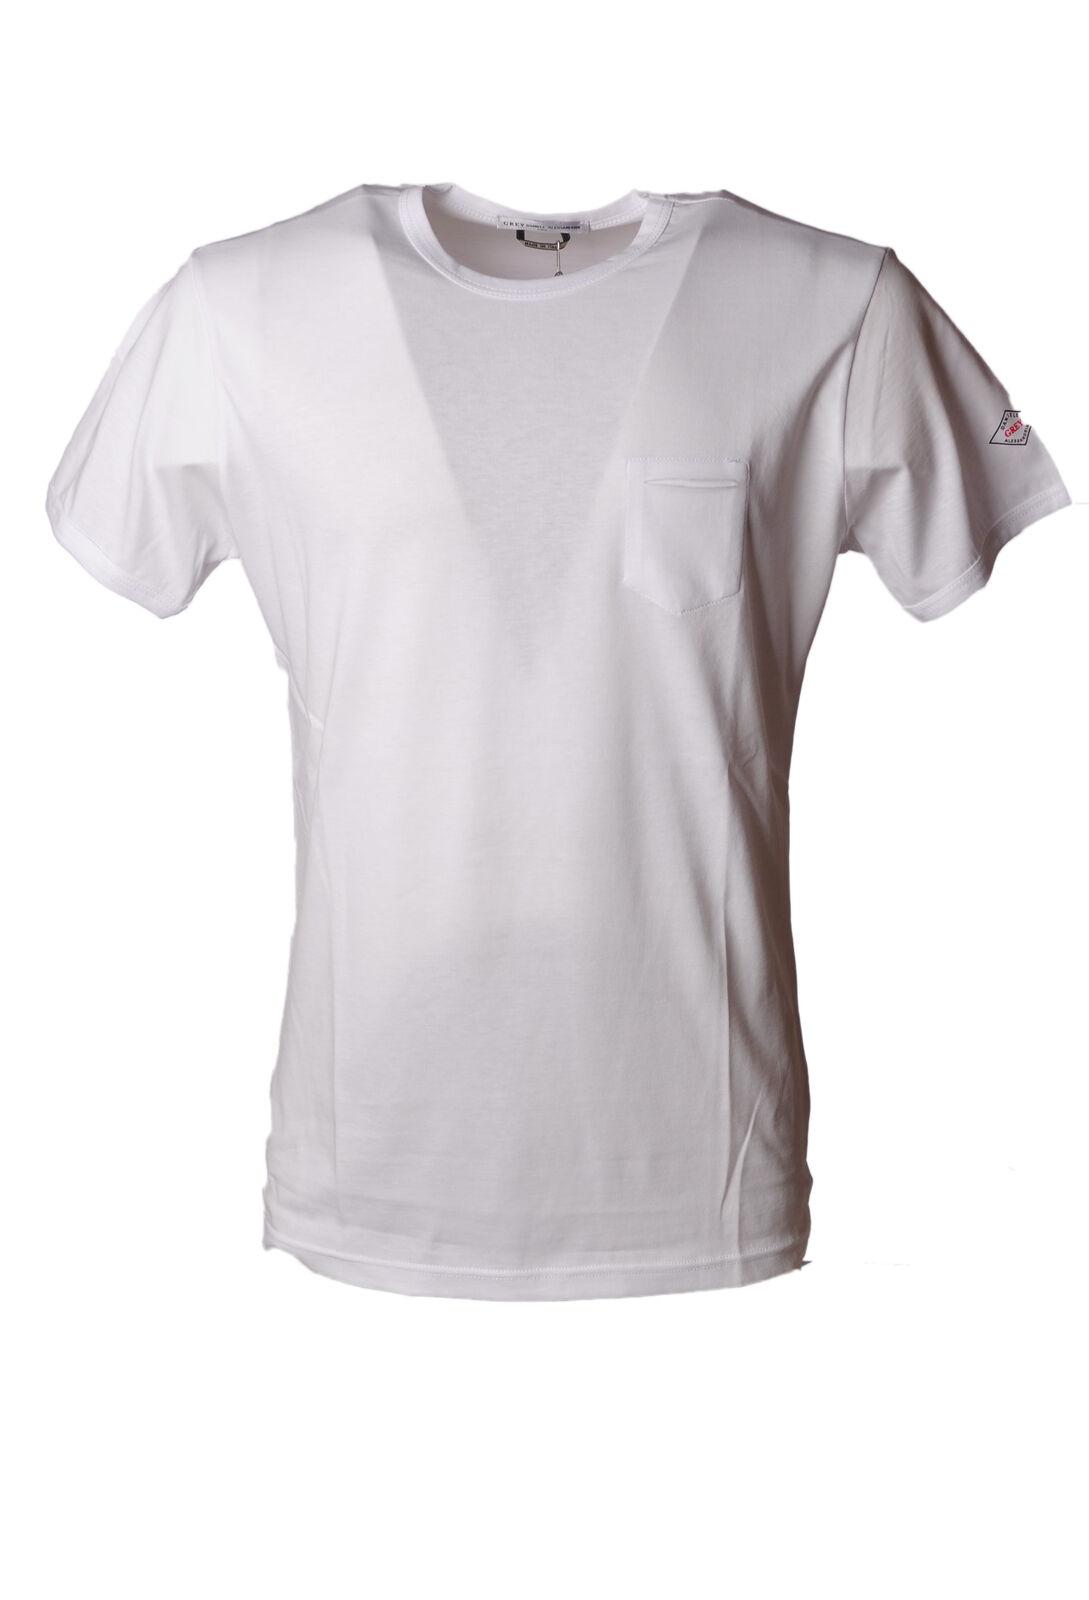 Daniele Alessandrini - Topwear-T-shirts - Mann - Weiß - 4720716F180552